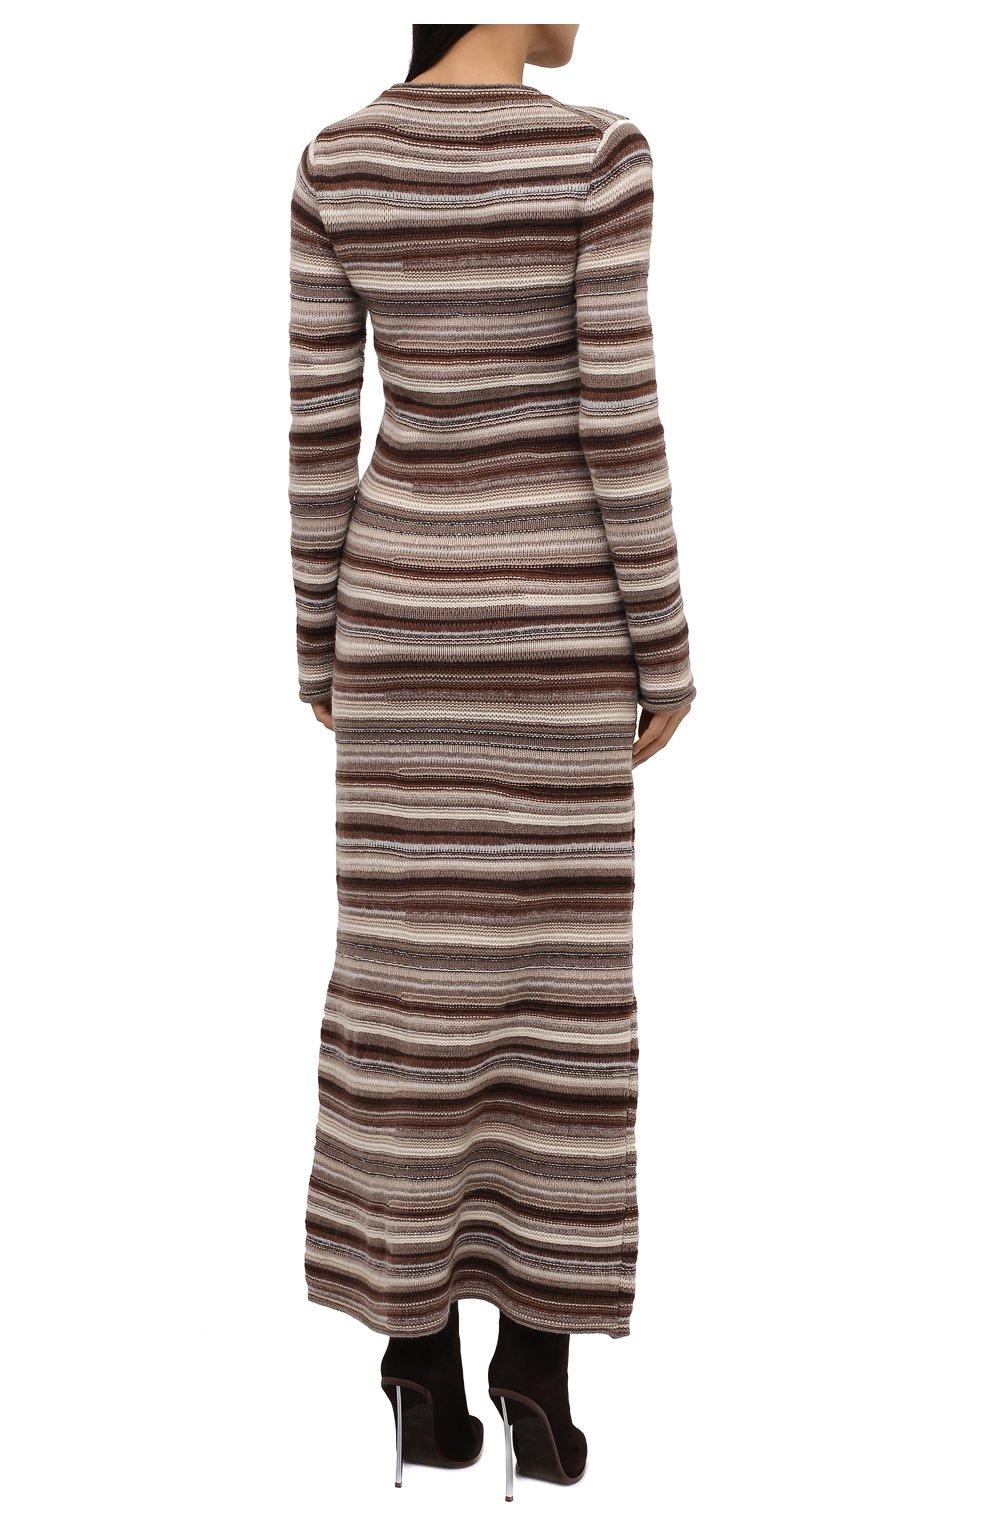 Женское платье из кашемира и шерсти CHLOÉ коричневого цвета, арт. CHC21WMR08670   Фото 4 (Материал внешний: Шерсть, Кашемир; Рукава: Длинные; Случай: Повседневный; Кросс-КТ: Трикотаж; Длина Ж (юбки, платья, шорты): Макси; Женское Кросс-КТ: Платье-одежда; Стили: Кэжуэл)